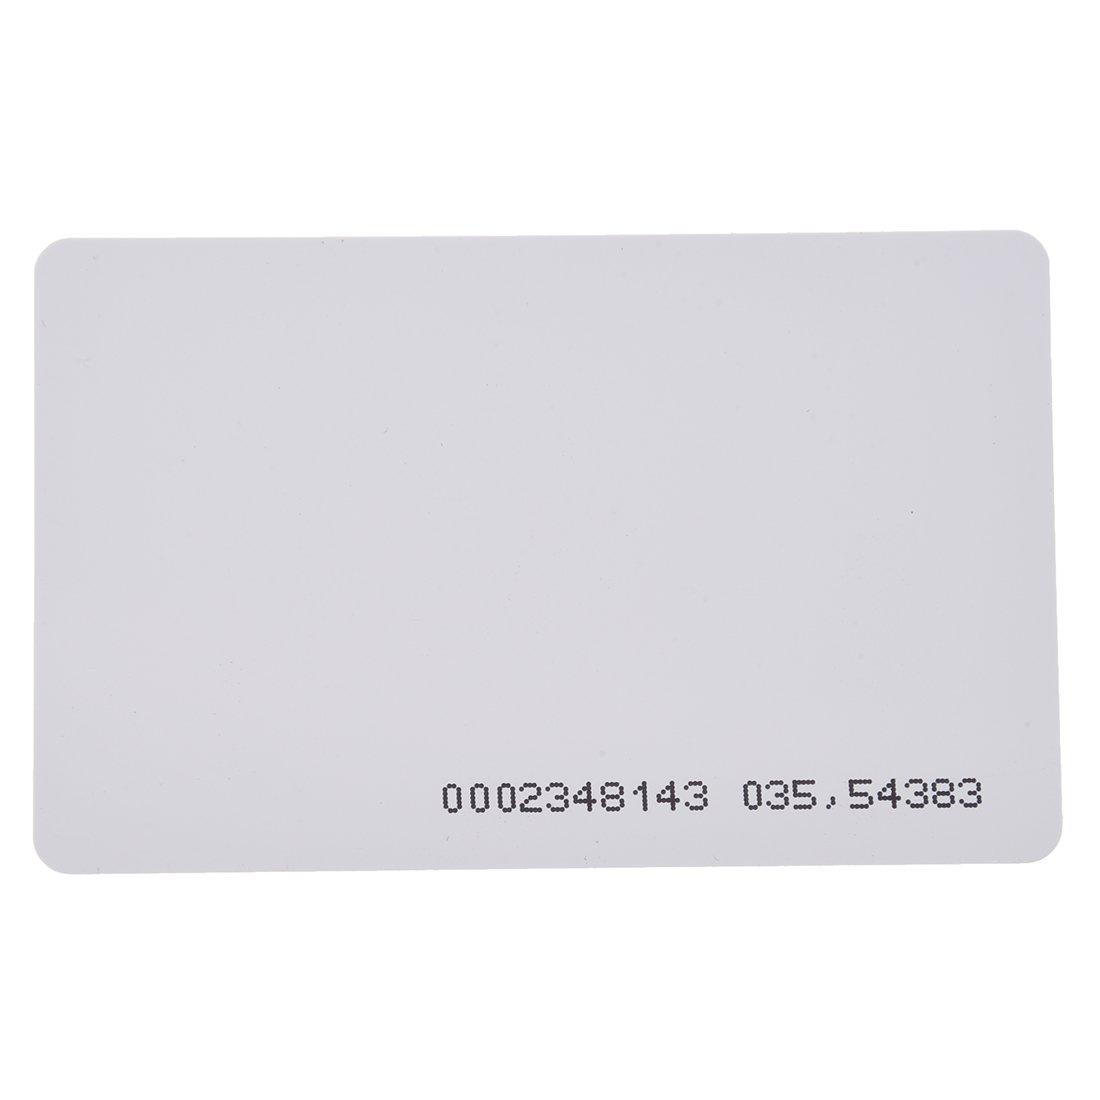 SODIAL(R) 10 x 125 Khz RFID Carte de proximite a l'entree de la porte d'acces